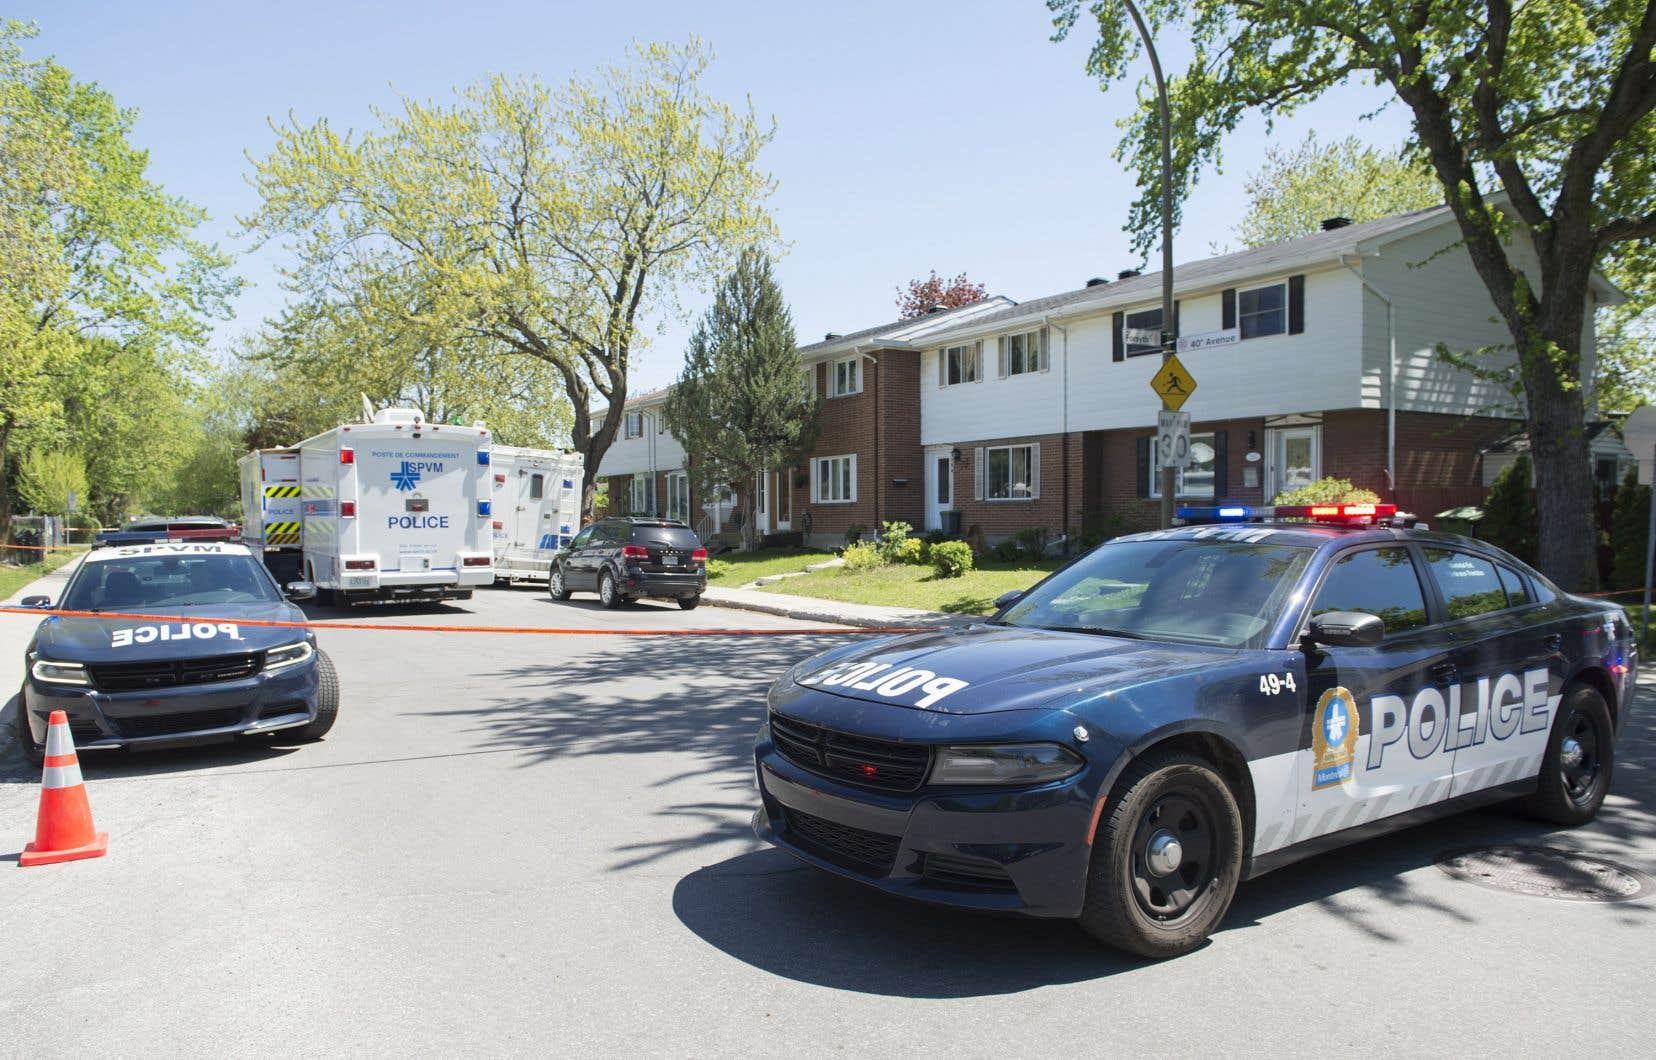 Le service des enquêtes sur les crimes majeurs du SPVM ont été dépêchés dans le secteur de Pointe-aux-Trembles après la découverte de deux personnes mortes à proximité d'une résidence.